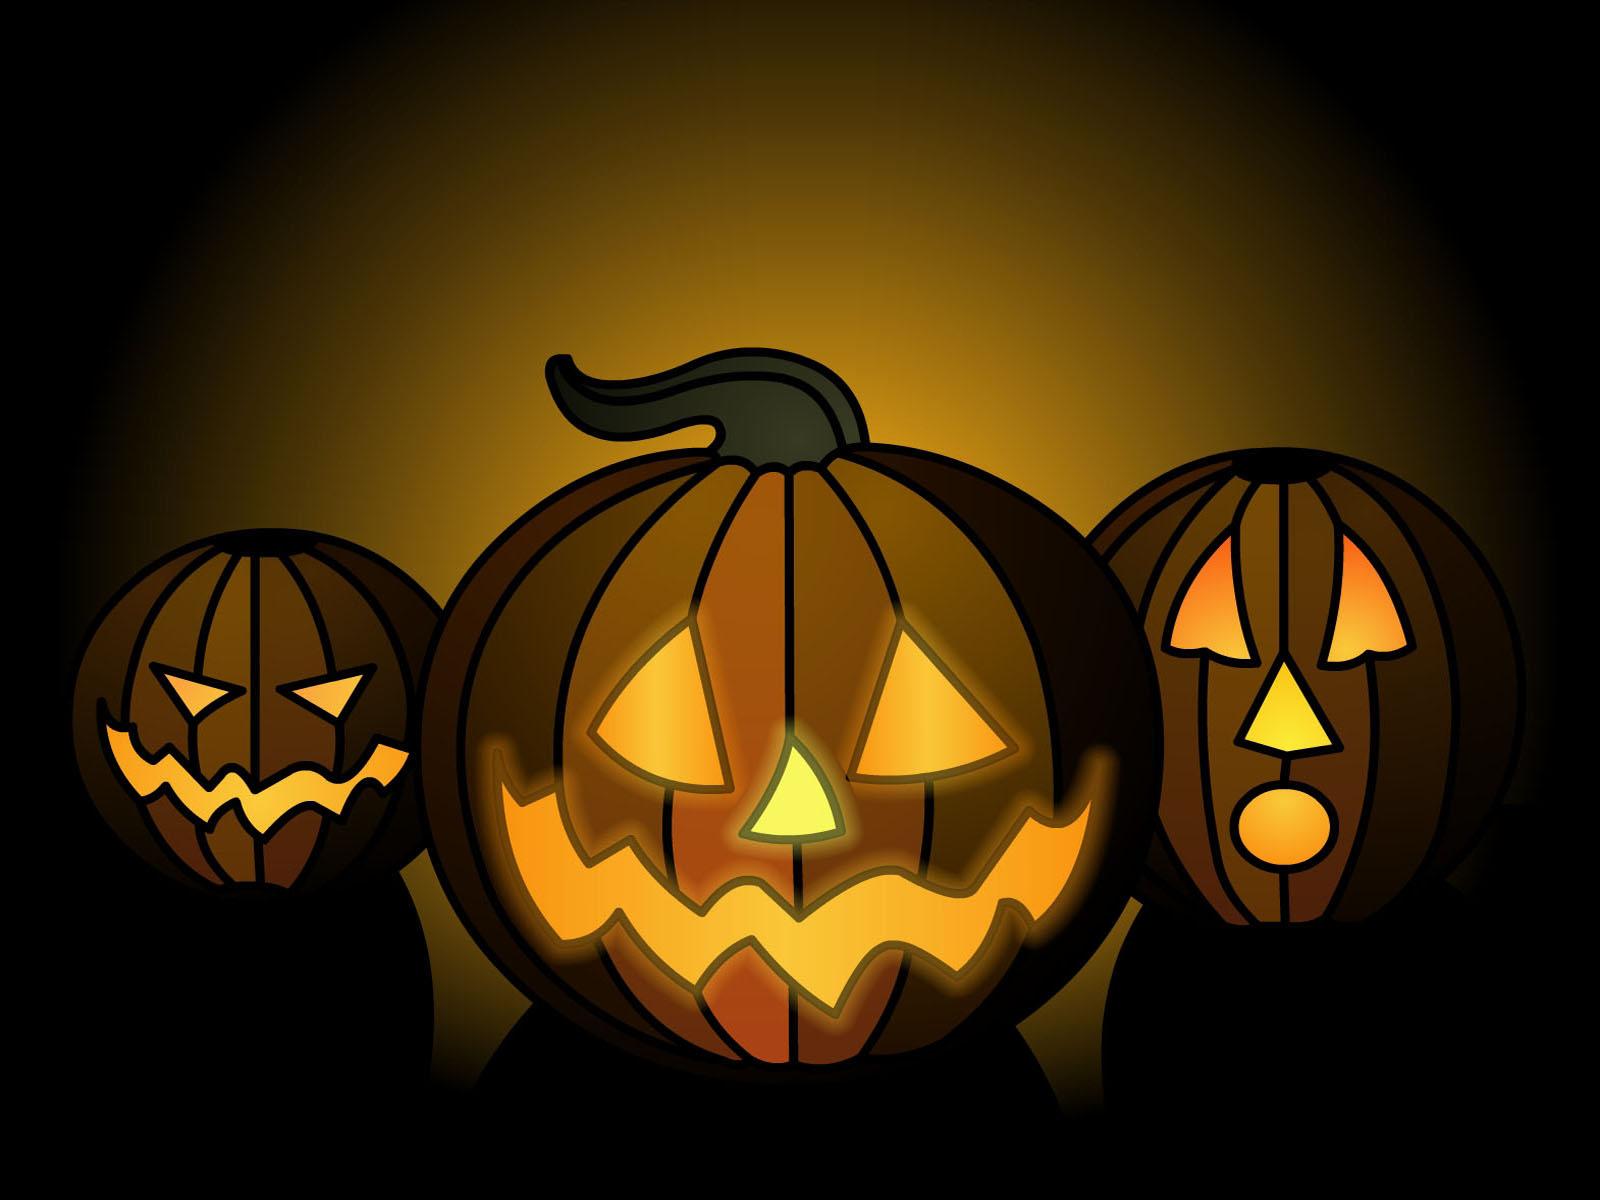 http://1.bp.blogspot.com/-m7I5cyJSB2U/UE_xoNqftRI/AAAAAAAACBw/9JkHSj50-O0/s1600/Halloween-pumpkins-creations.jpg